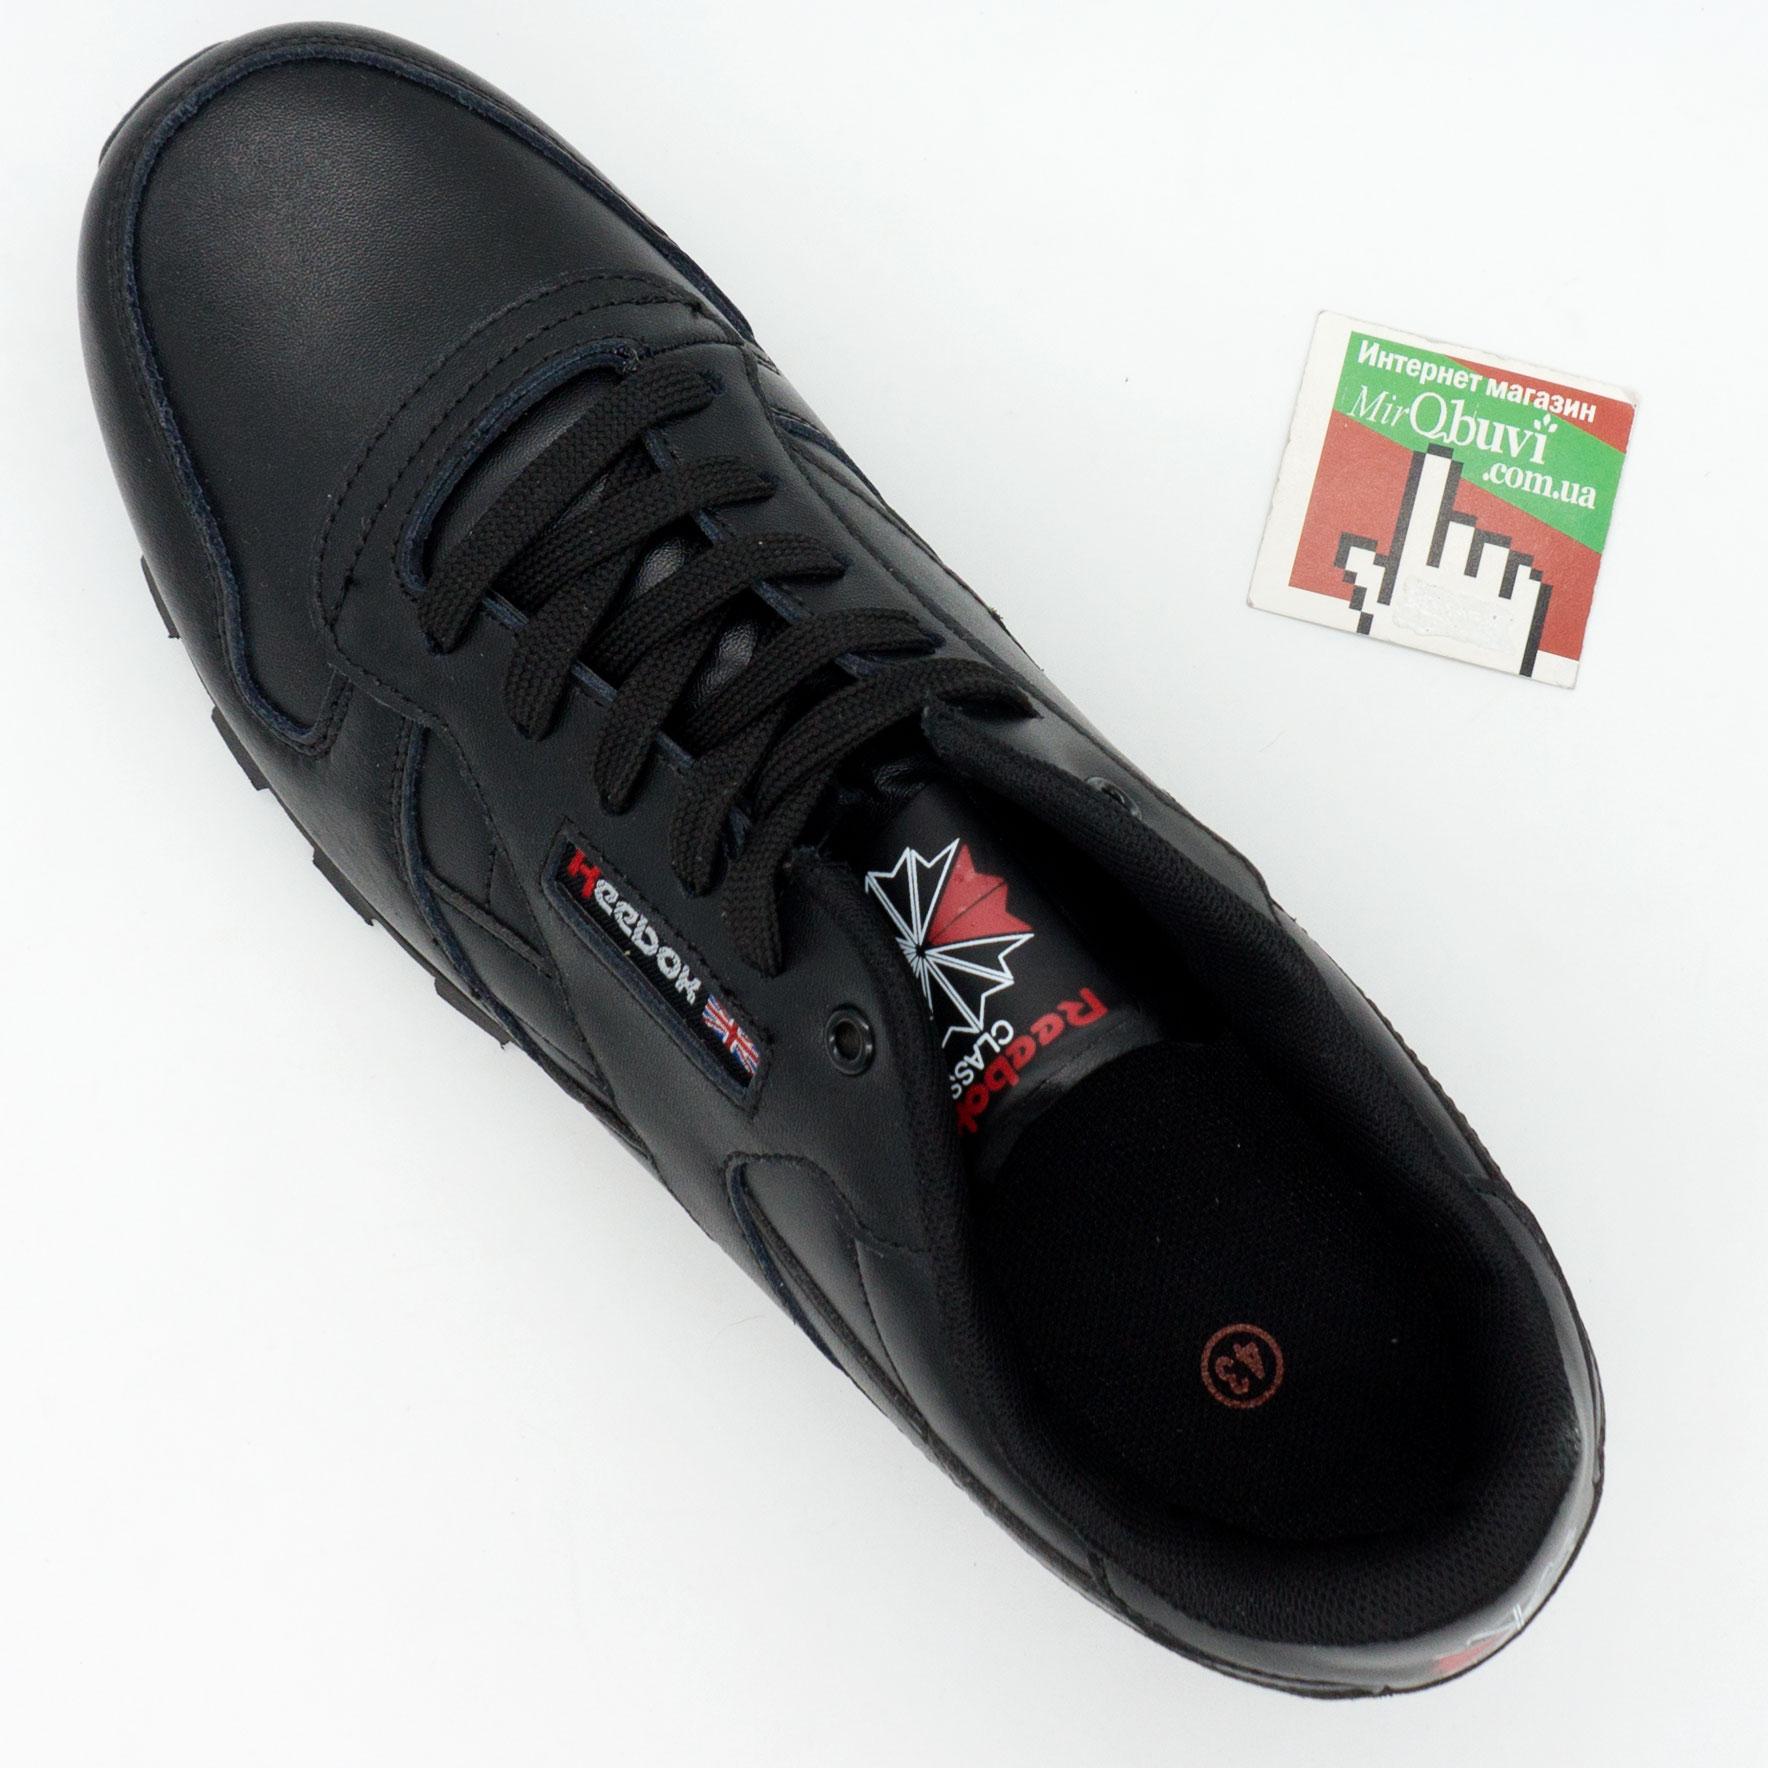 фото bottom Женские кроссовки Reebok classic leather black (Рибок класик черные, кожа) bottom